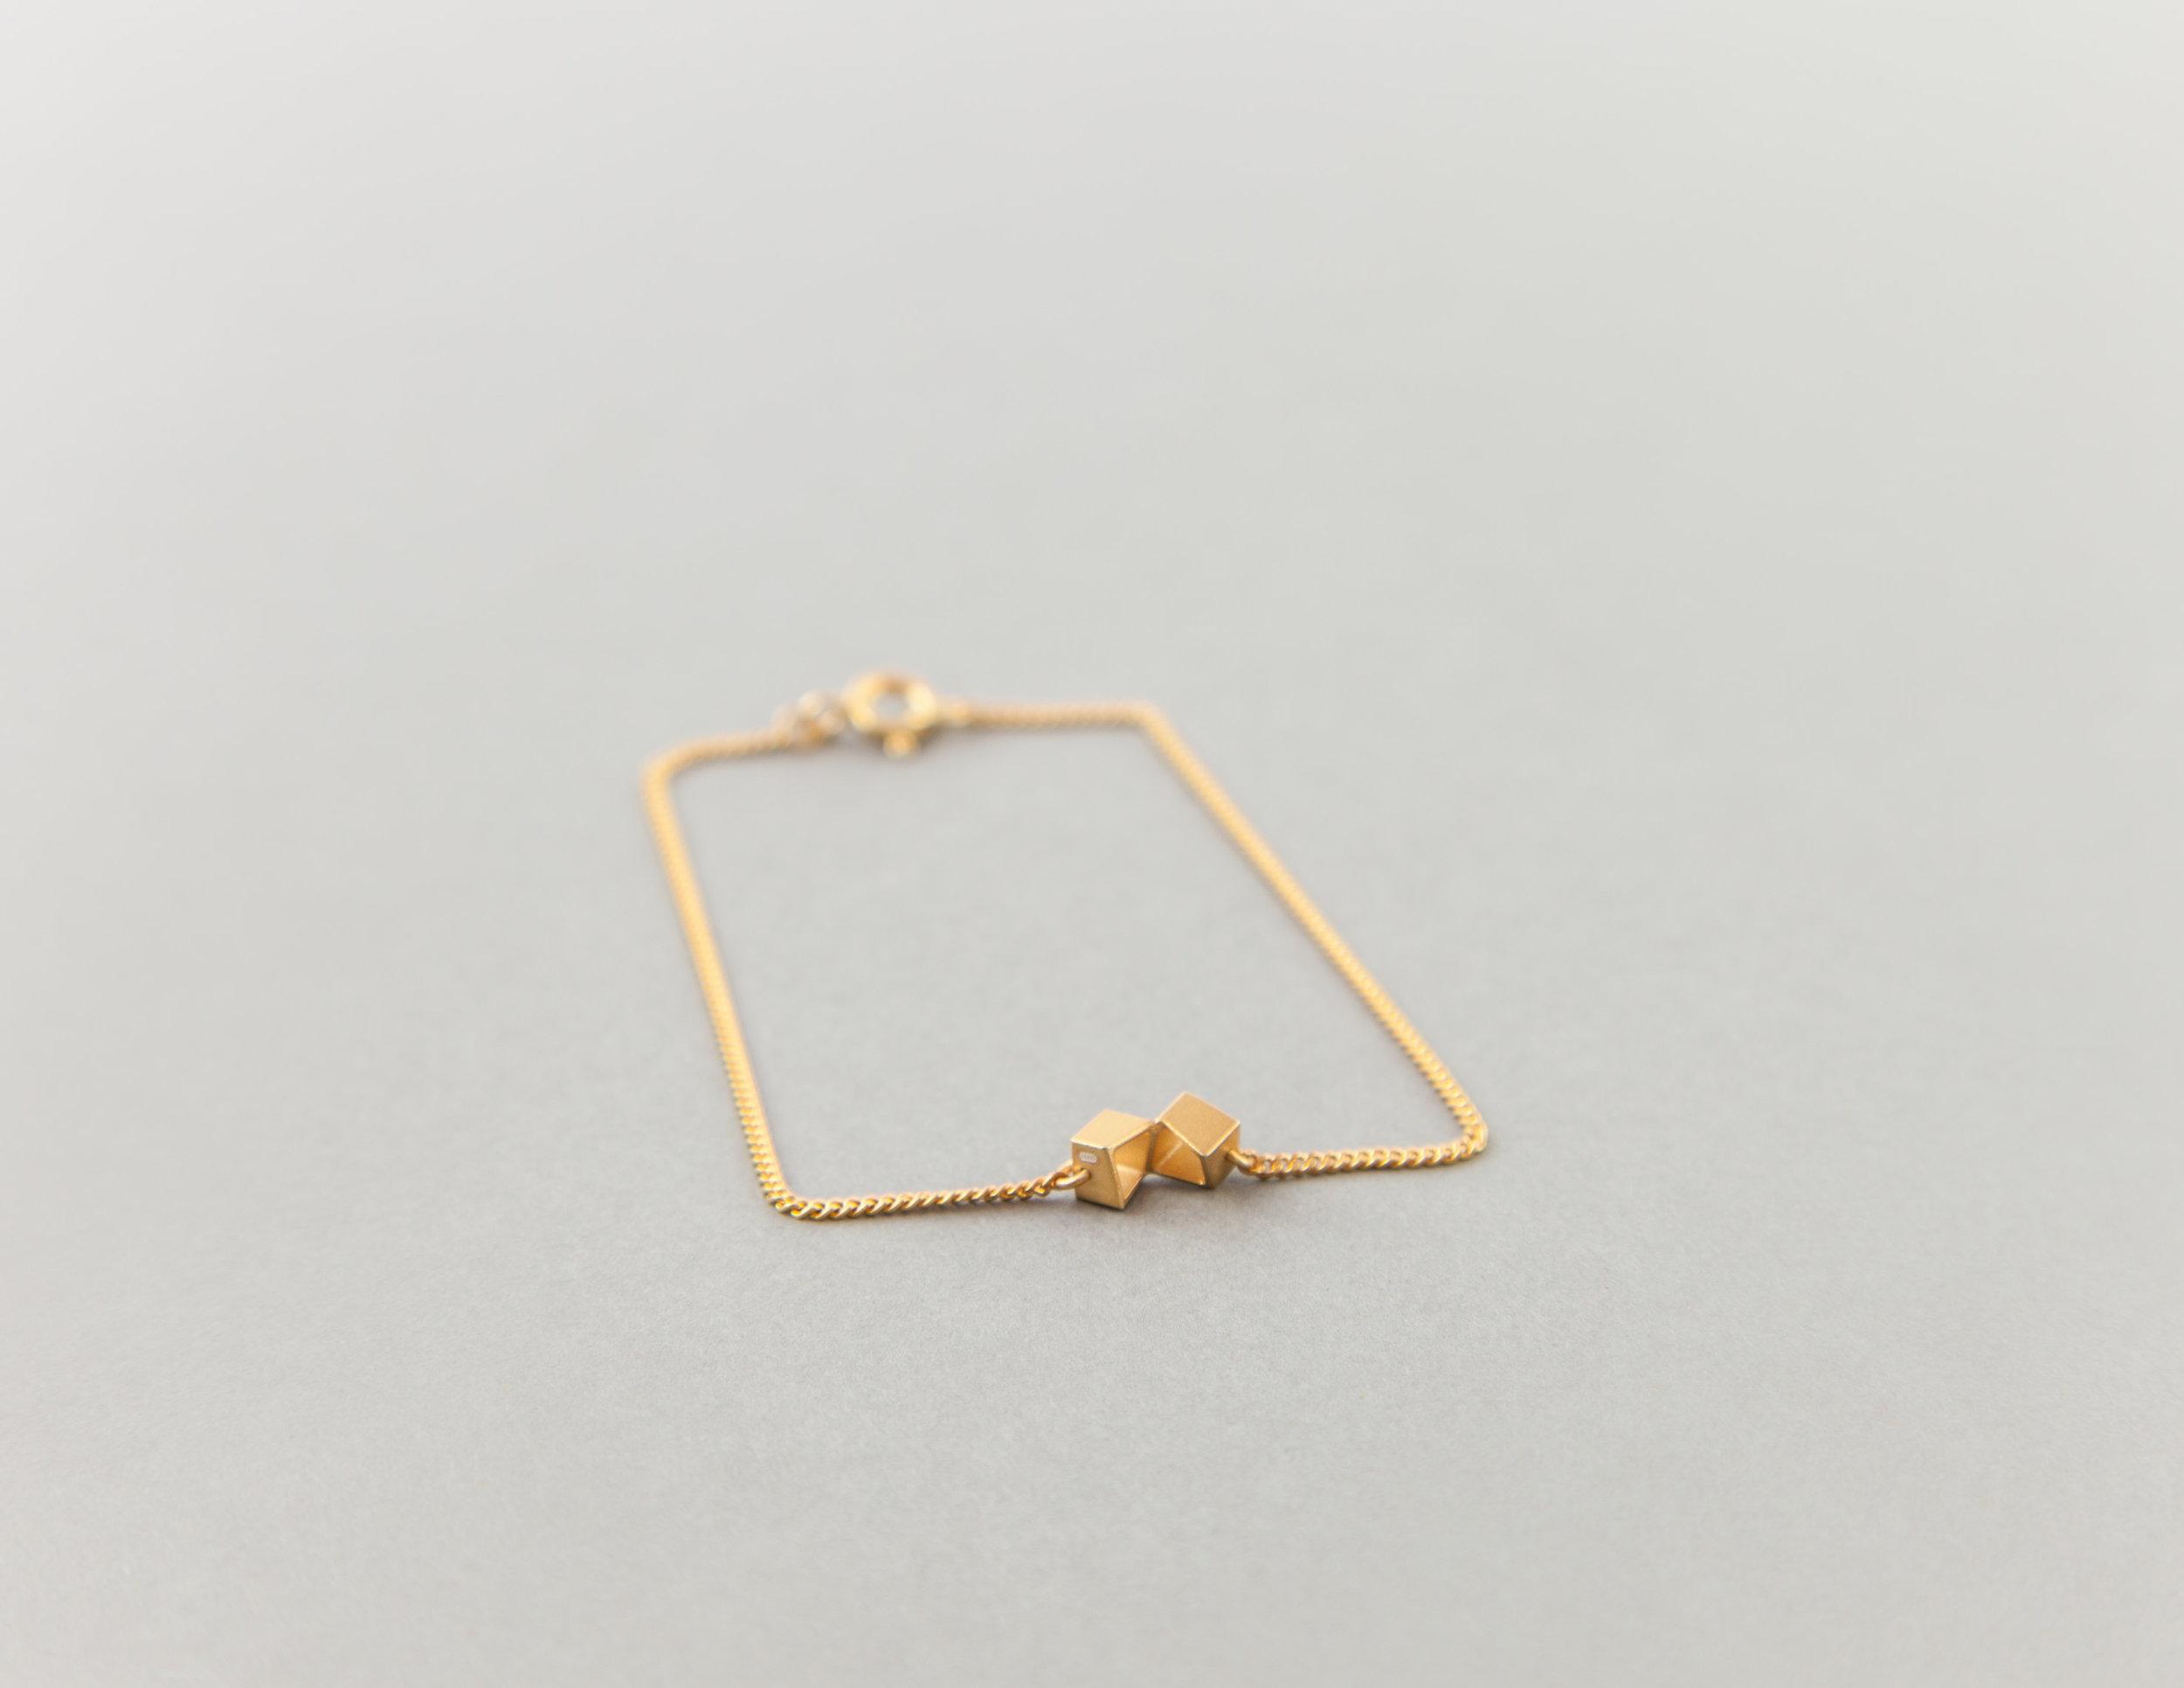 Alma Sophia Design - 4x4 bracelet.jpg